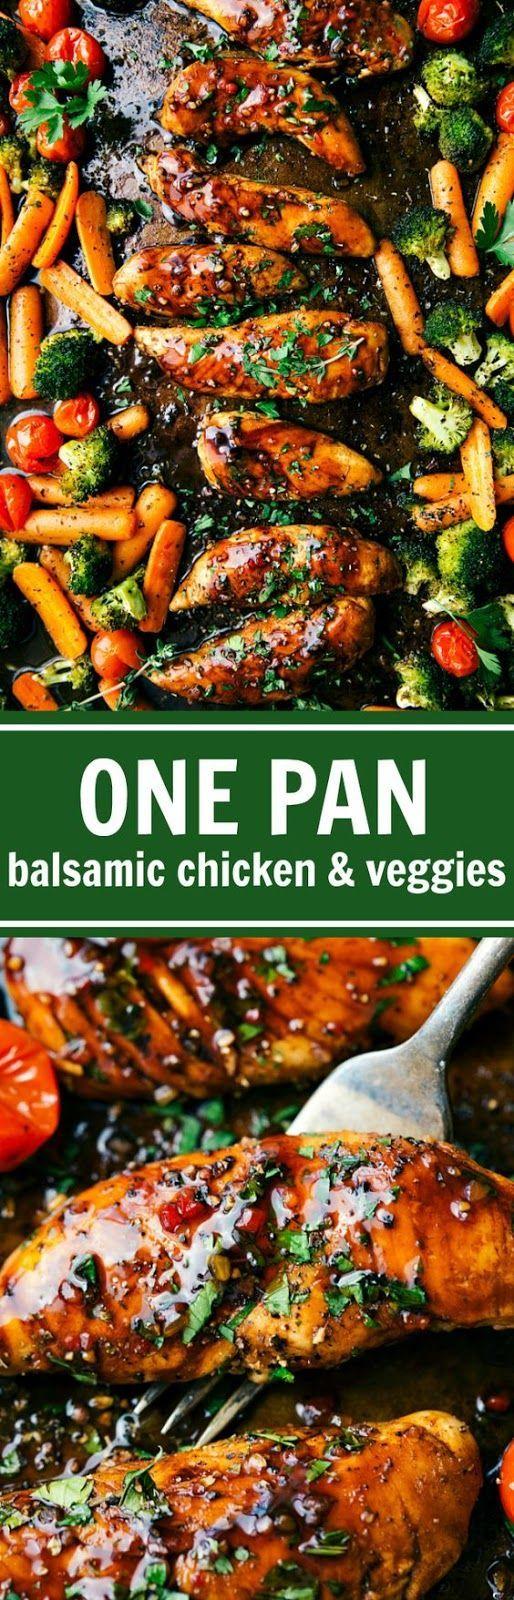 One Pan Balsamic Chicken and Veggies: